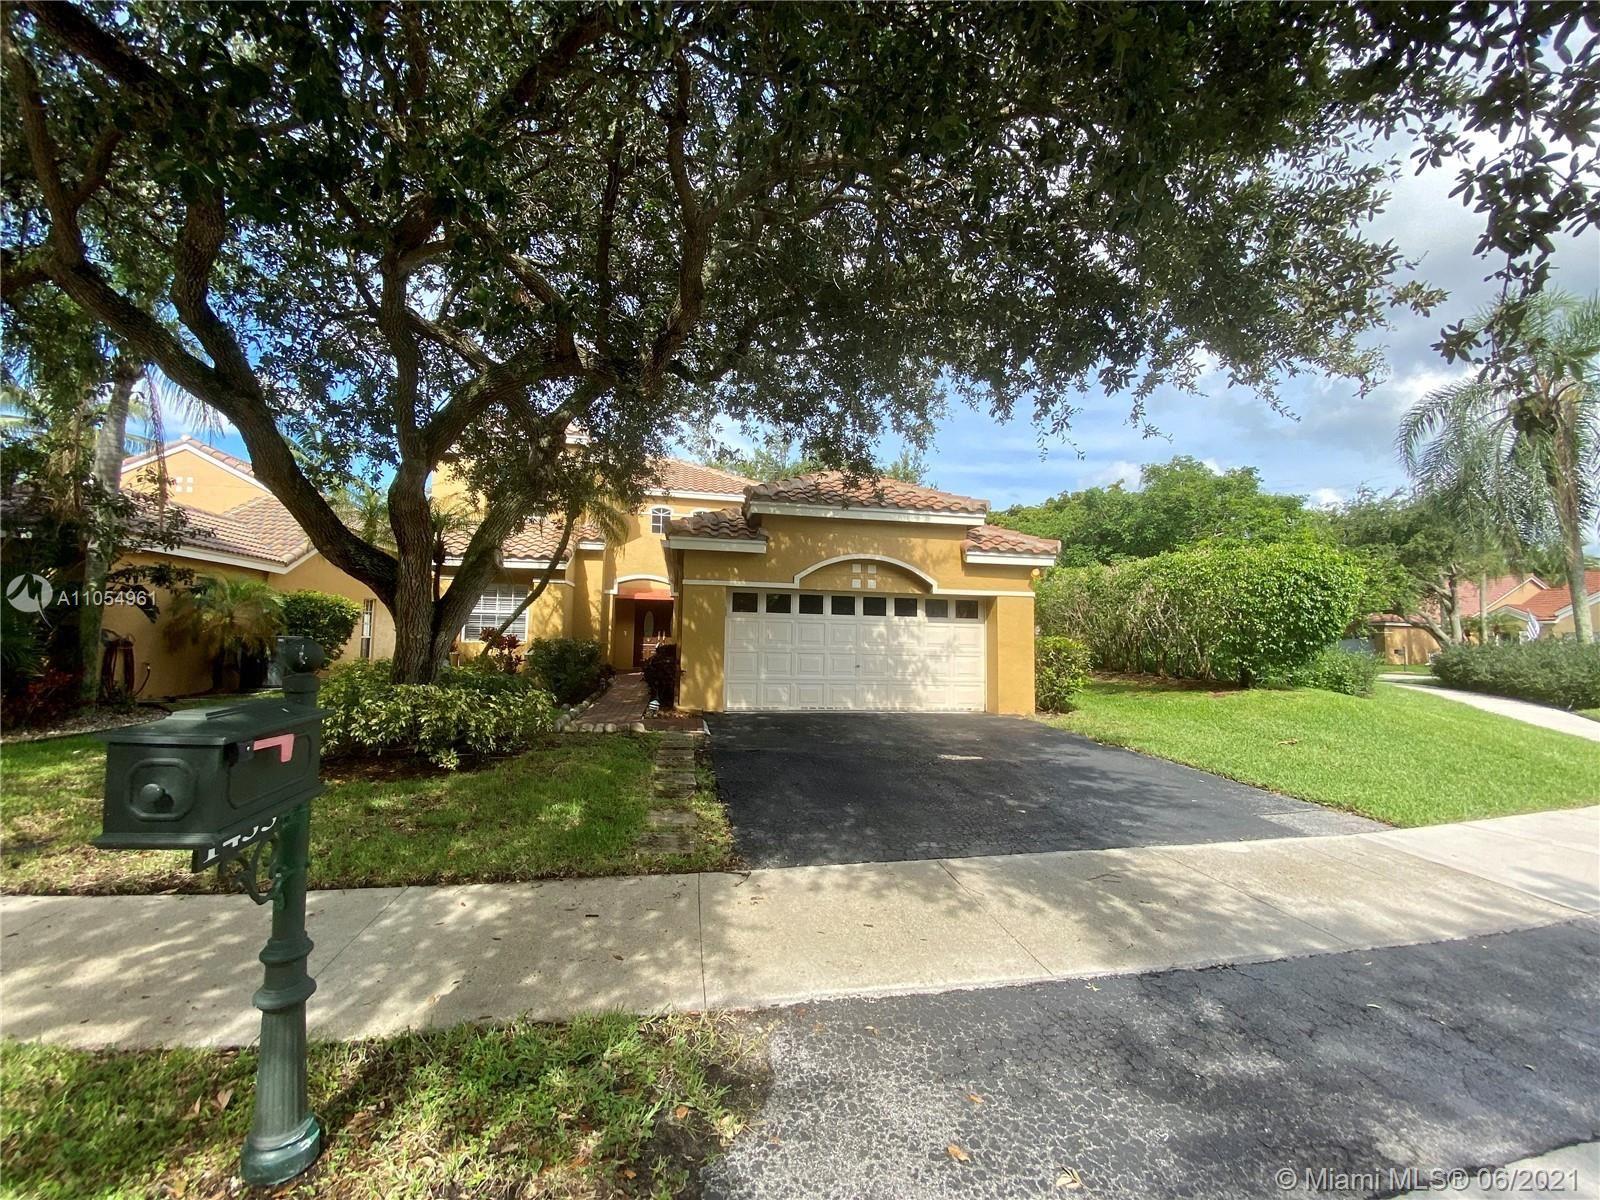 1435 Seabay Rd, Weston, FL 33326 - #: A11054961